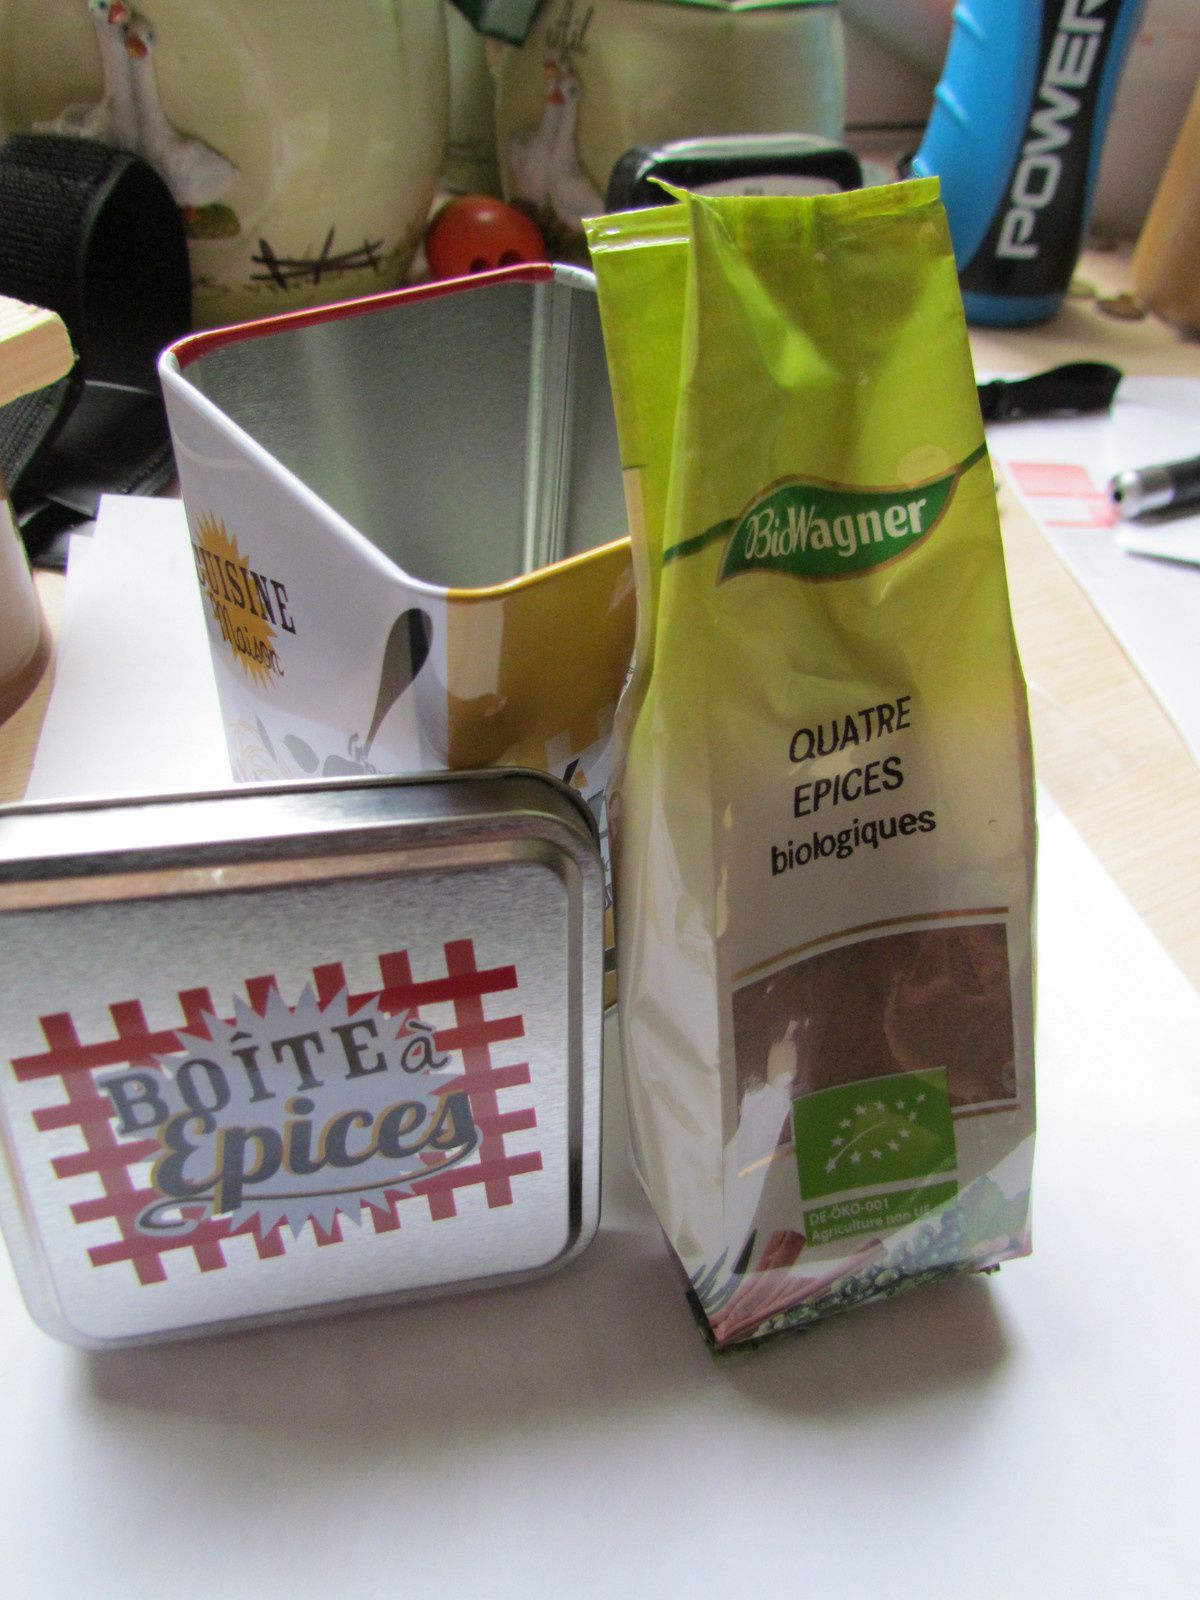 Un sachet de 4 épices ....MIAM ,j'adore ,cuisiner avec des épices ,je remplace le sel par des épices,c'est mieux.....